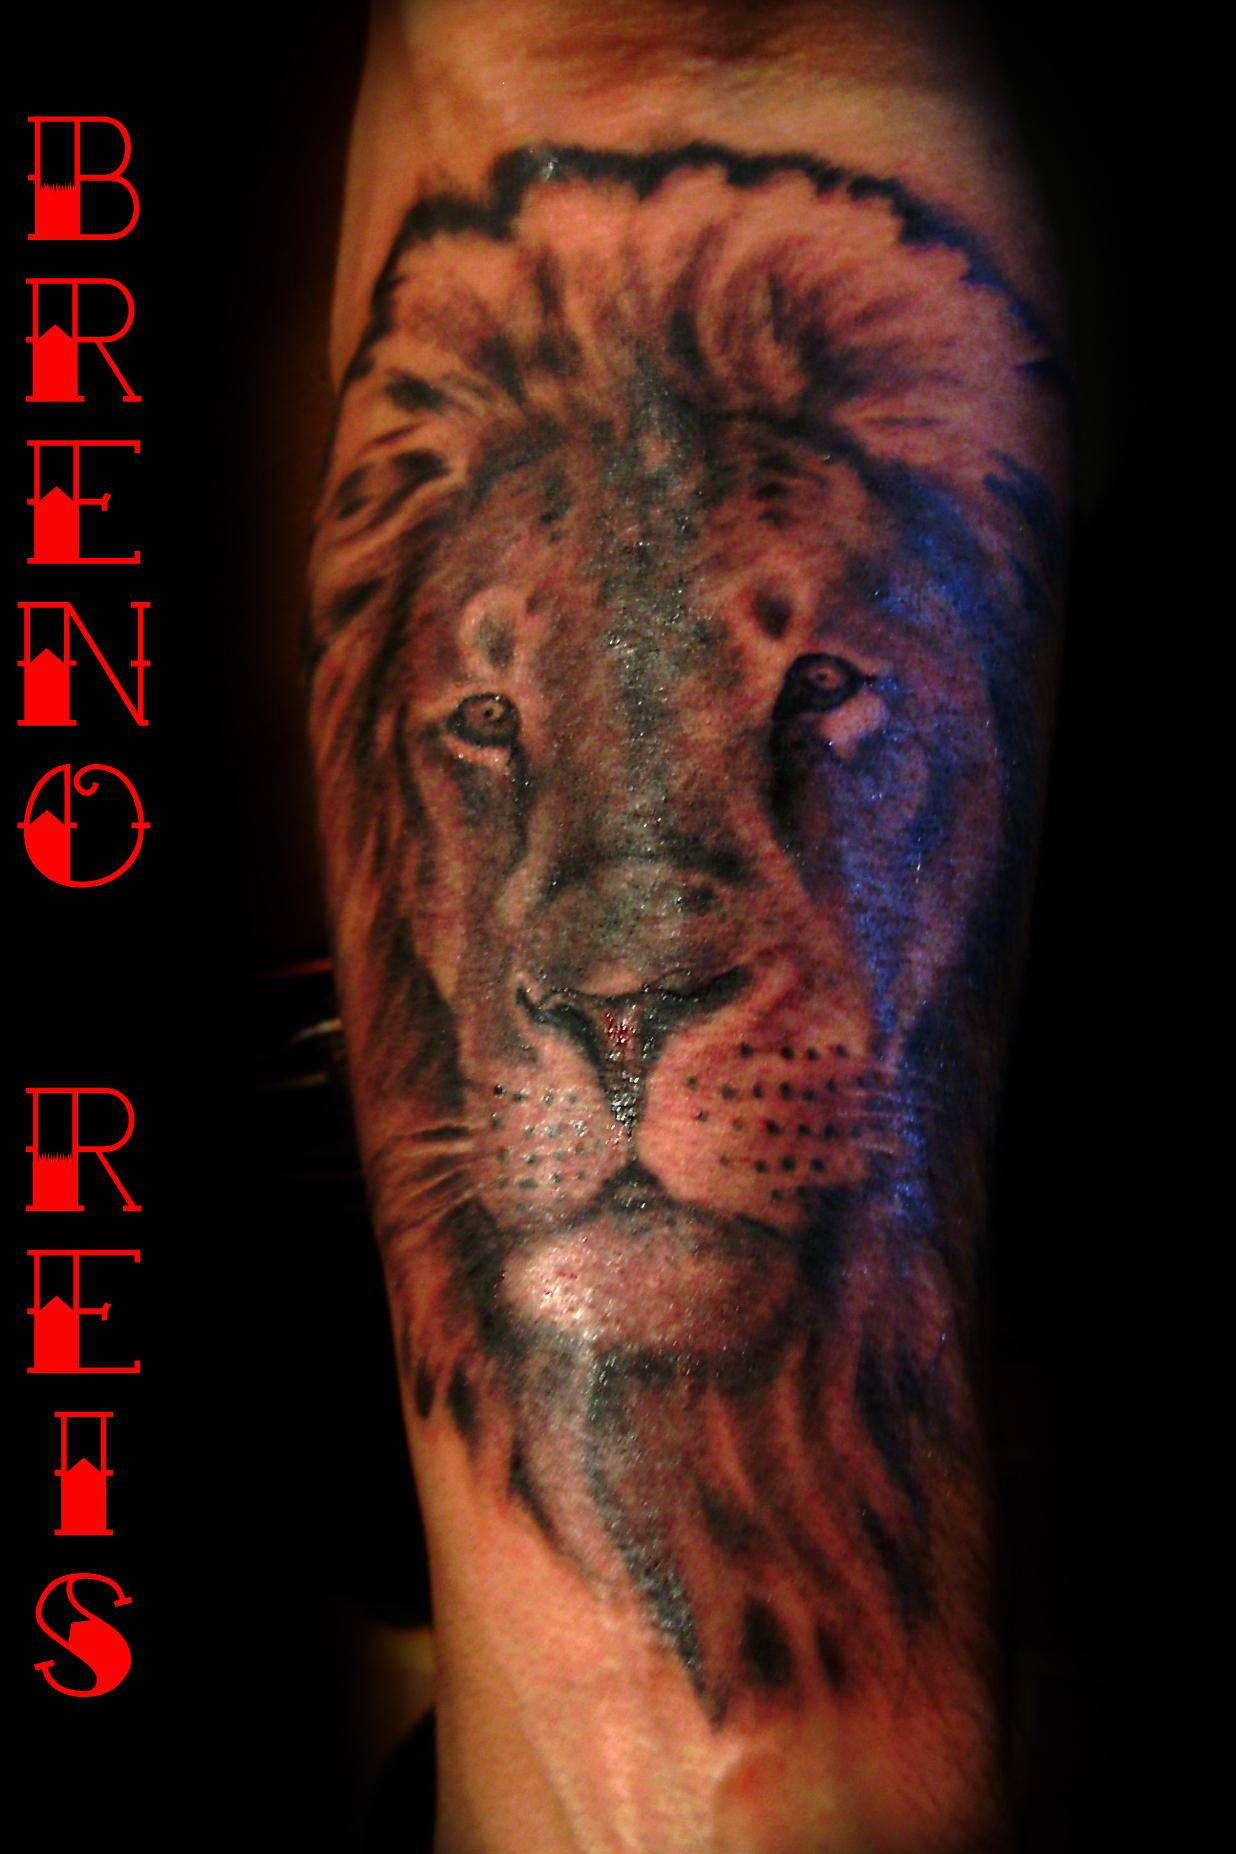 Le 227 O De Judah Reis Da Tattoo